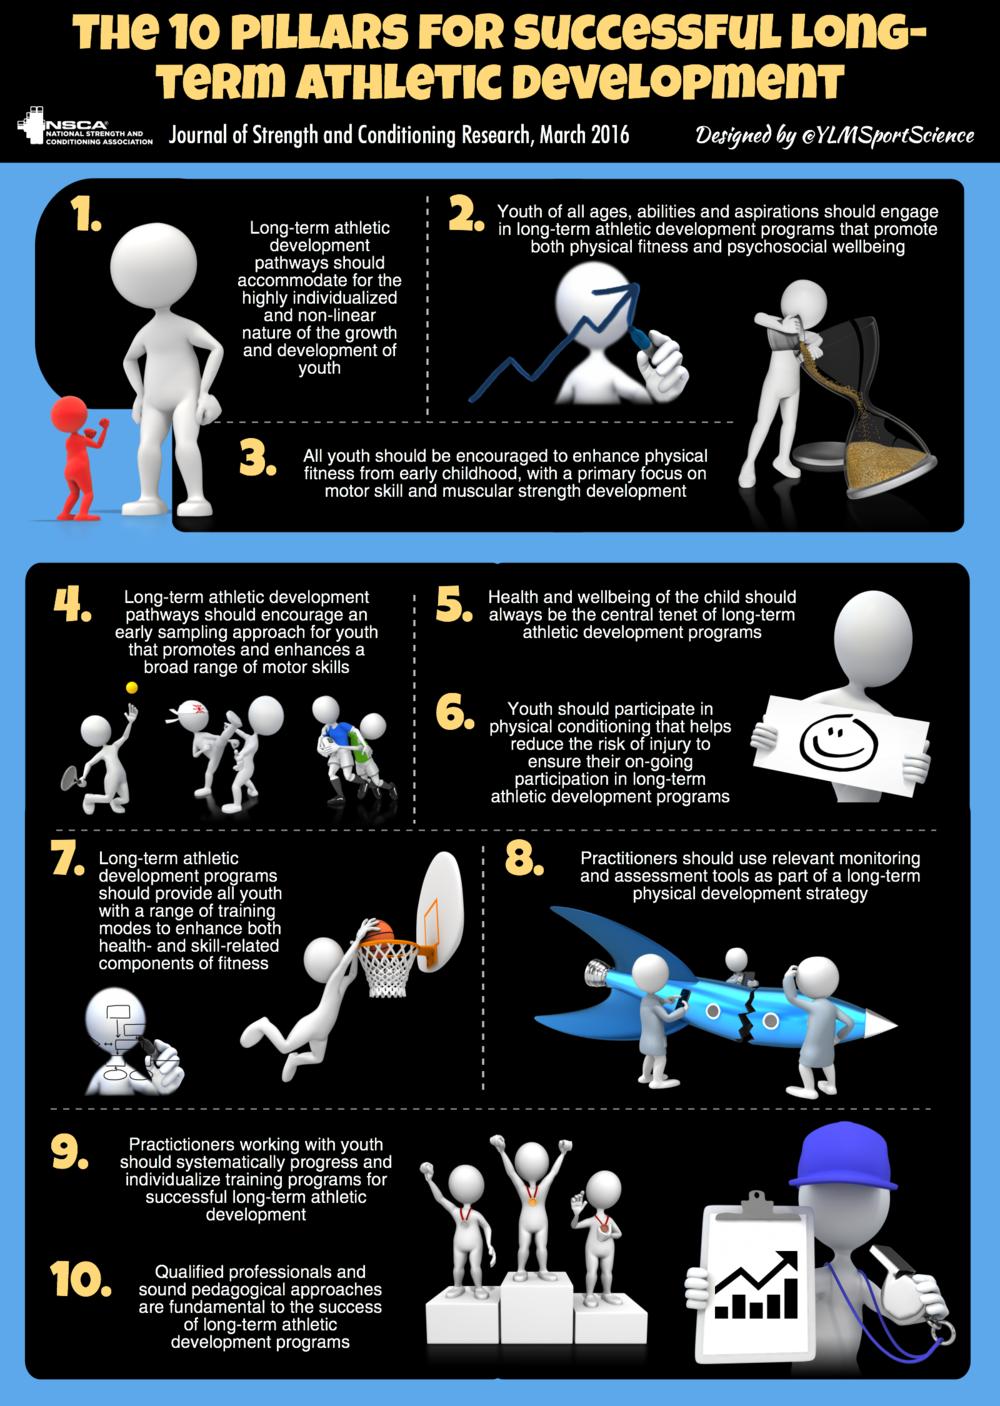 Infographic Credit: Yann Le Meur, Ph.D.